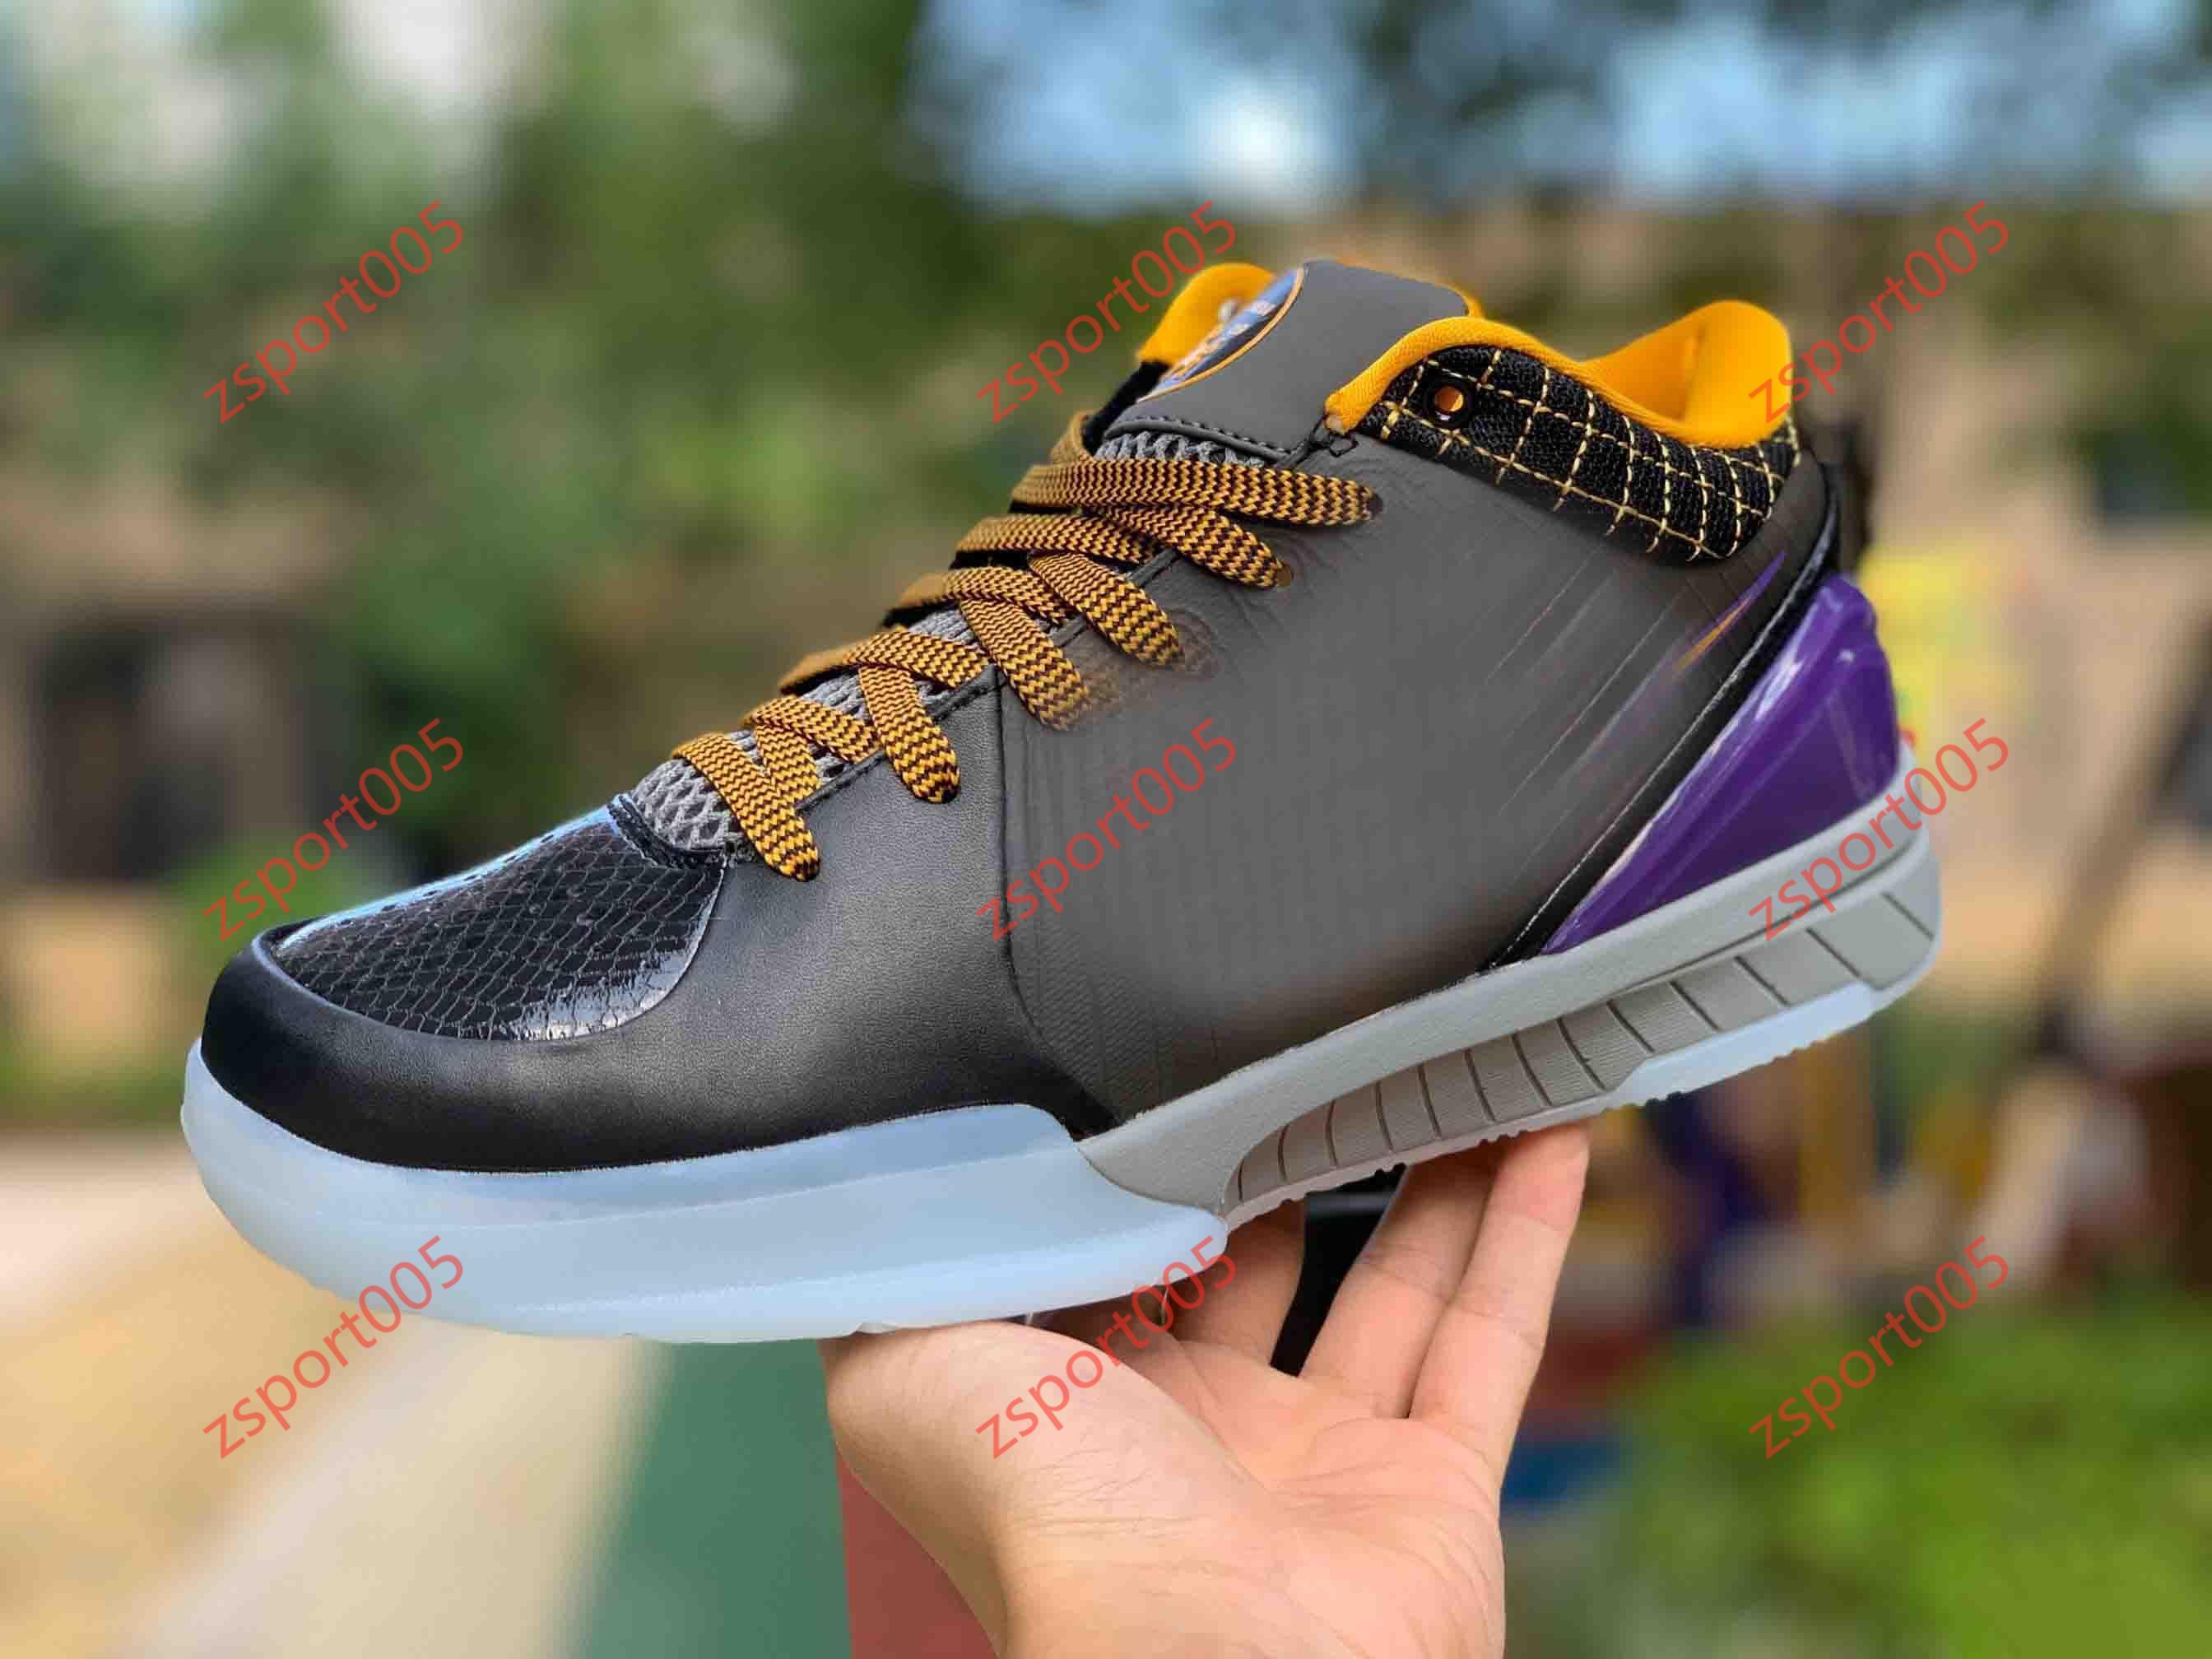 Nike Zoom Kobe IV 4 Protro Carpe Diem مصمم الأزياء الفاخرة قبالة كرة السلة فاخرة الرجال النساء أحذية الرجال أعلى ارتفاع حذاء أبيض تشغي